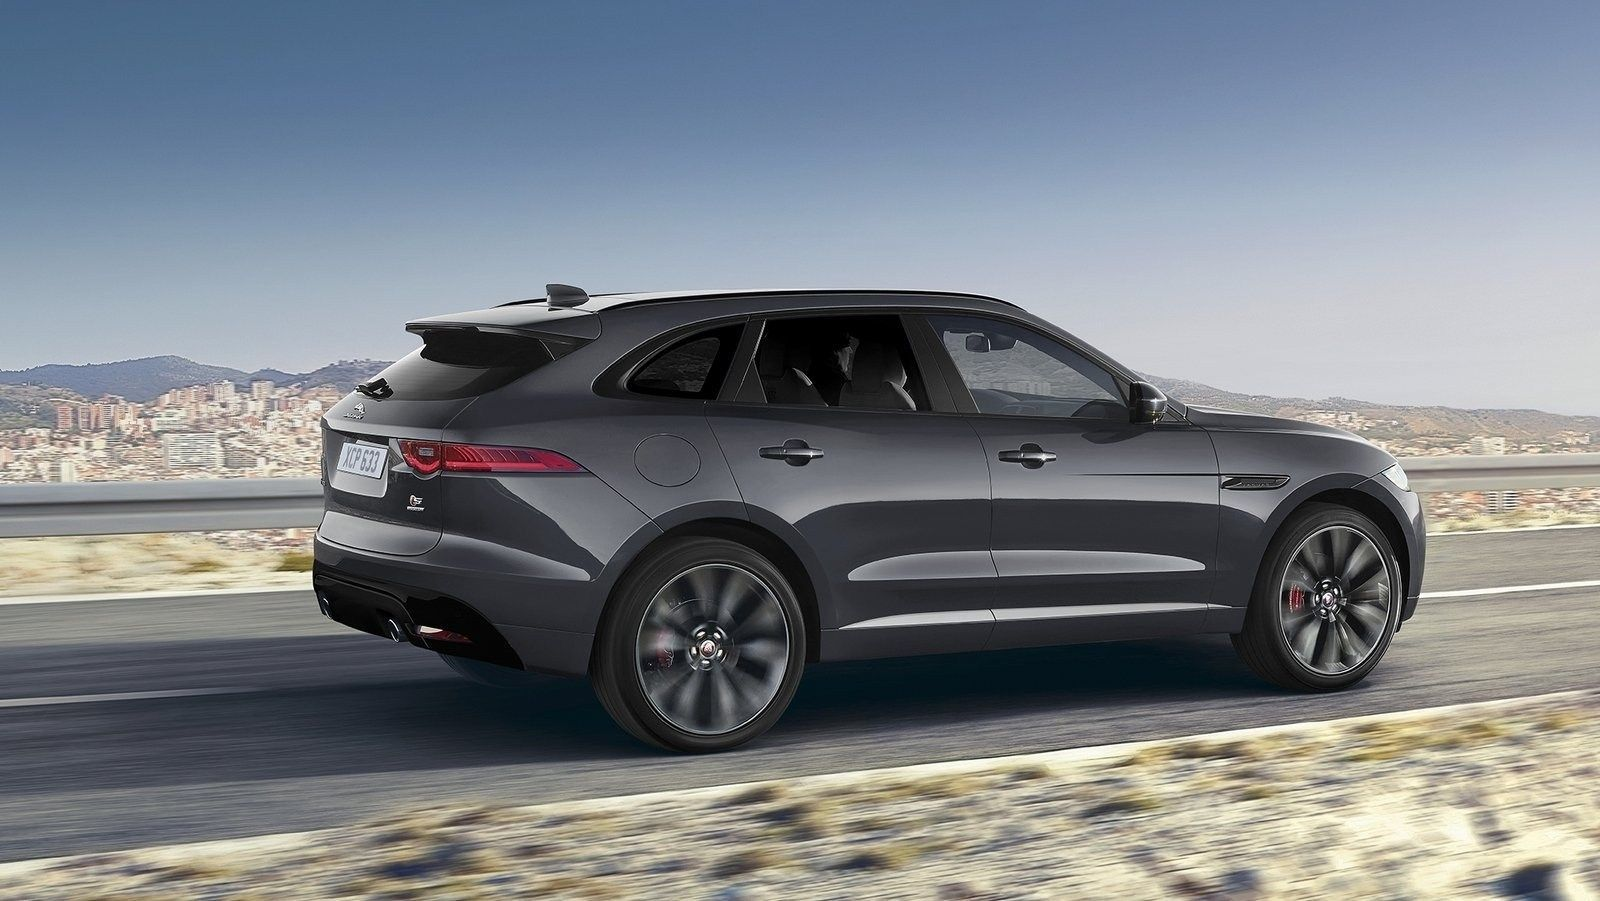 Jaguar F Pace 2020 New Concept Style Jaguar suv, Suv, Jaguar